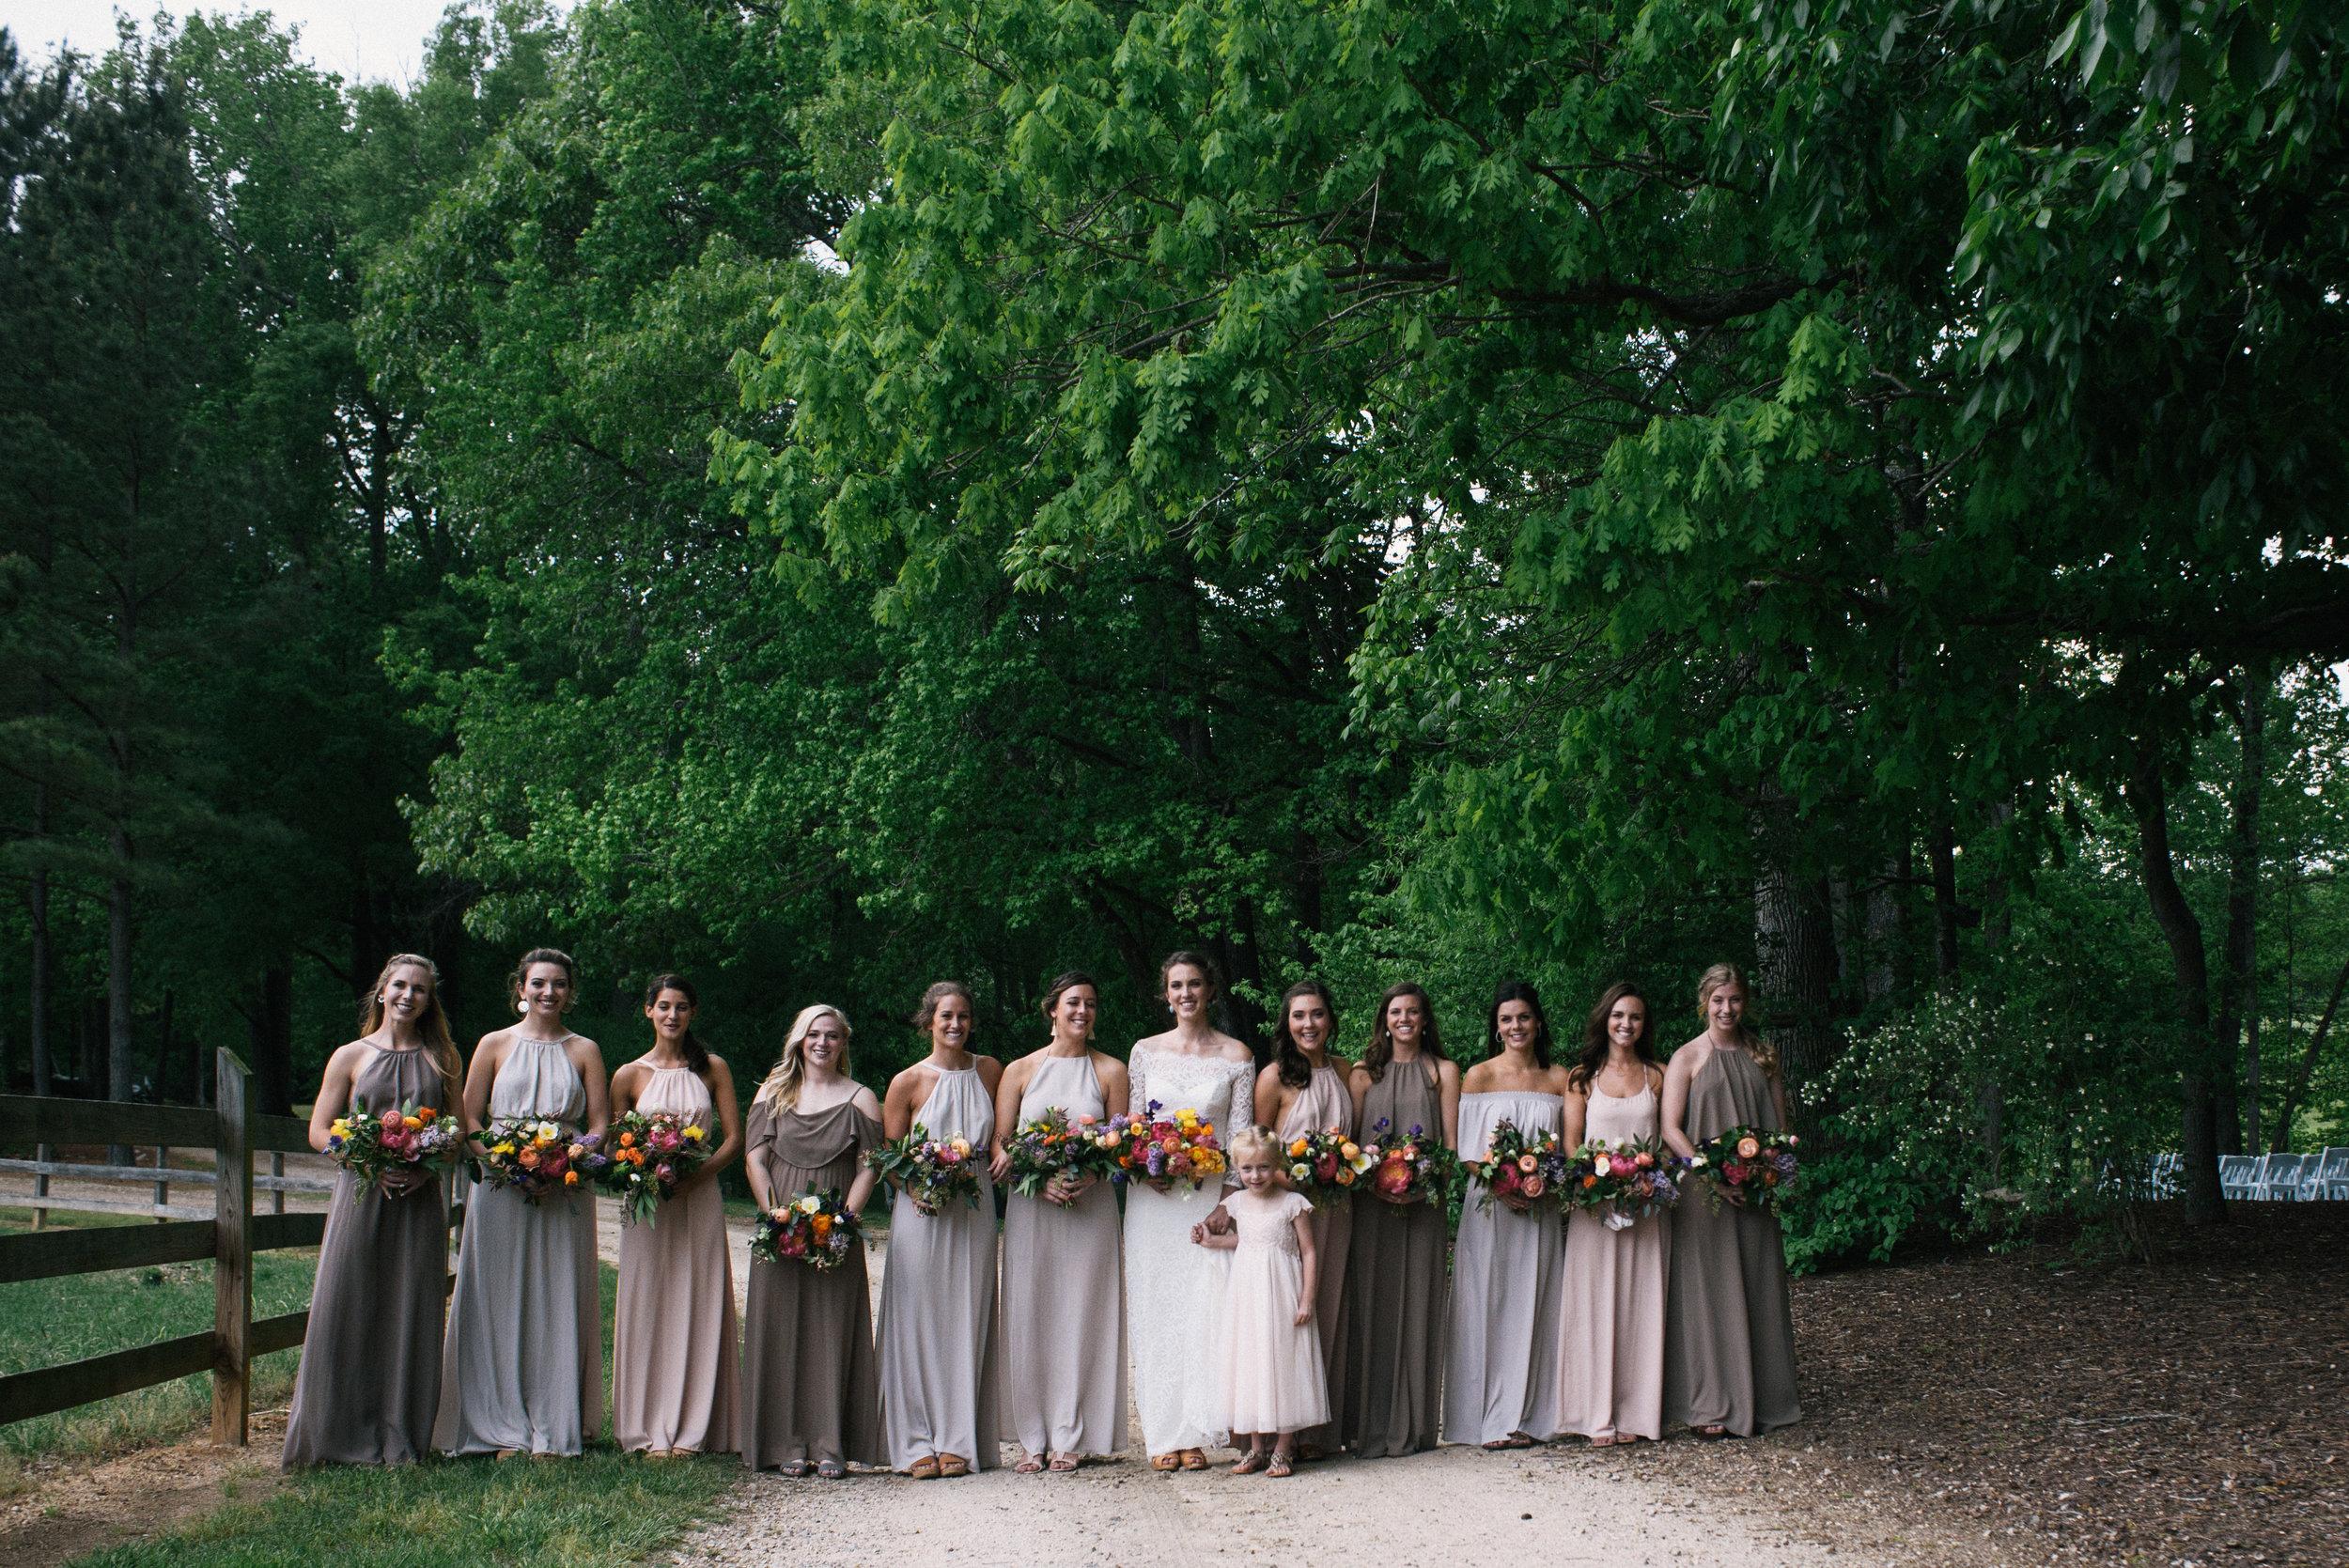 raleigh-elopement-photographer-raleigh-durham-wedding-maddie-and-devin- (57 of 162).jpg